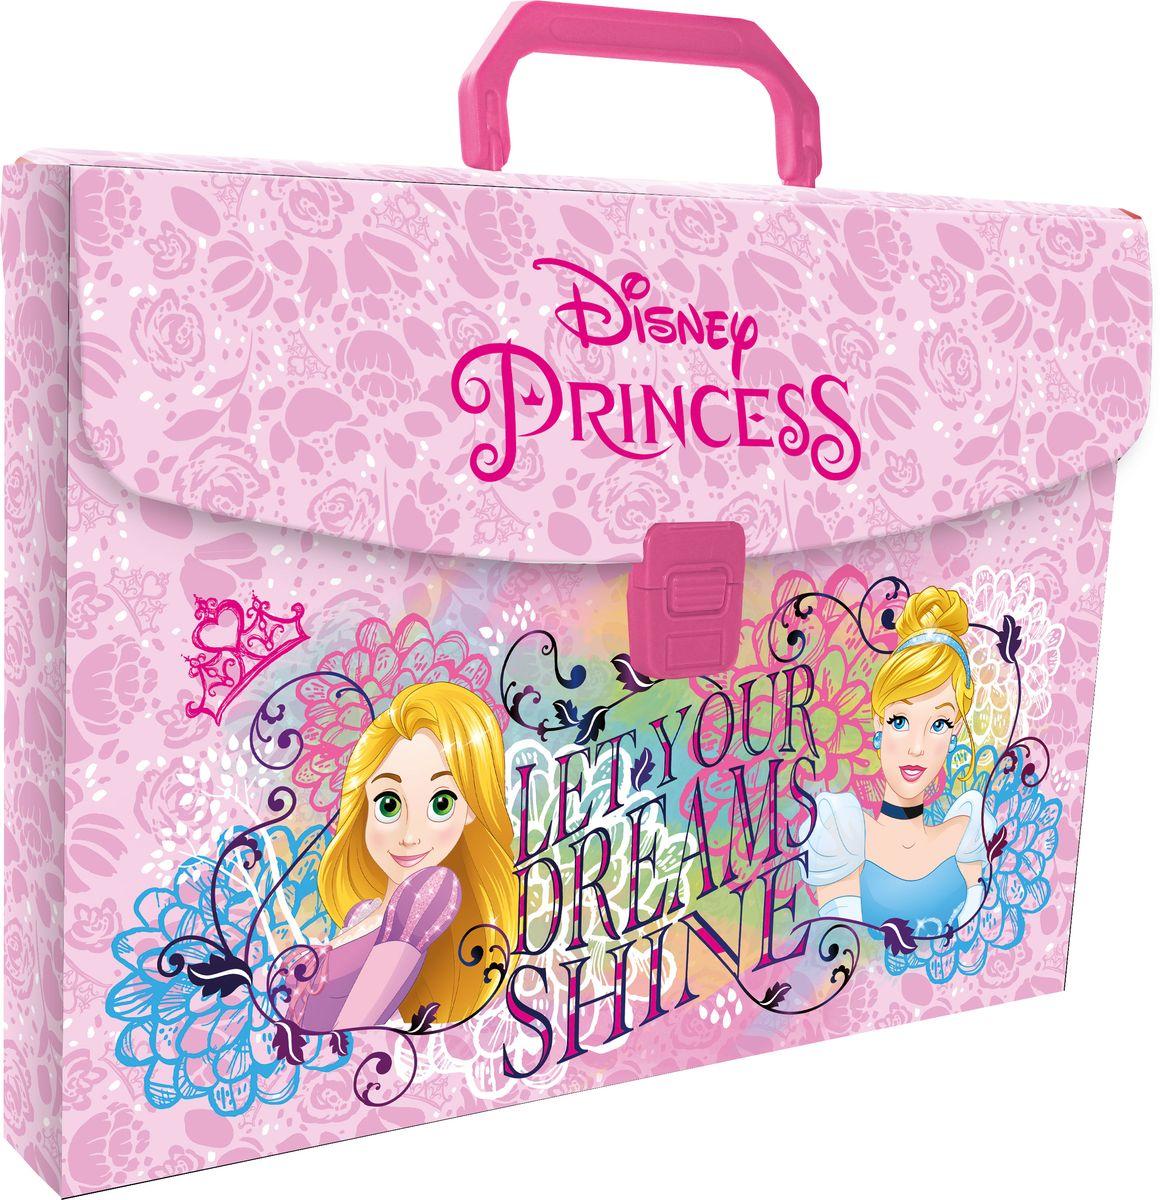 Disney Princess Папка-портфель для тетрадей Let Your Dreams ShinePRDB-US1-PLB-FB65Папка-портфель Disney Princess Let Your Dreams Shine формата А4 - это оптимальный способ уберечь от деформации тетради, документы, рисунки и прочие бумаги. С ней можно забыть о погнутых уголках и краях. Кроме того, теперь все необходимые бумаги и тетради будут аккуратно собраны, а не распределены по разным местам, что сократит время их поиска. Папка выполнена из полипропилена и застегивается на защелку. Дополнена ручкой для переноски.